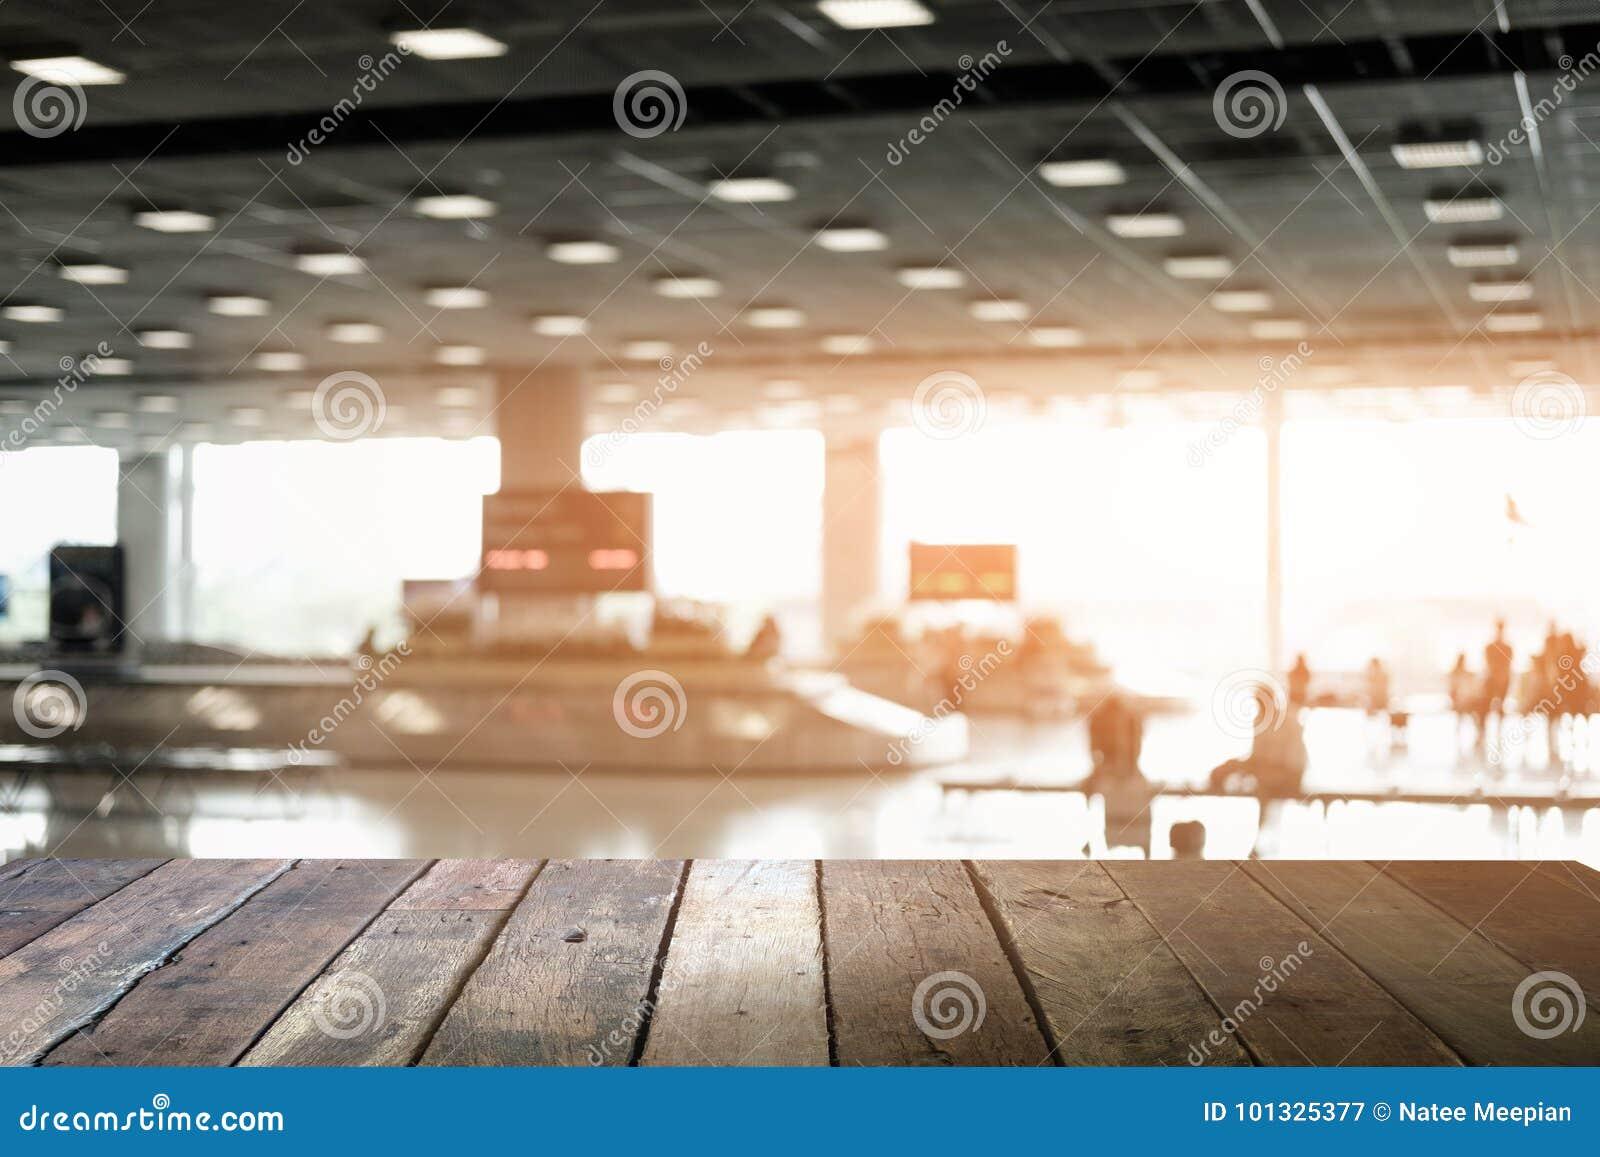 木的表 等待fo的旅客模糊的抽象背景